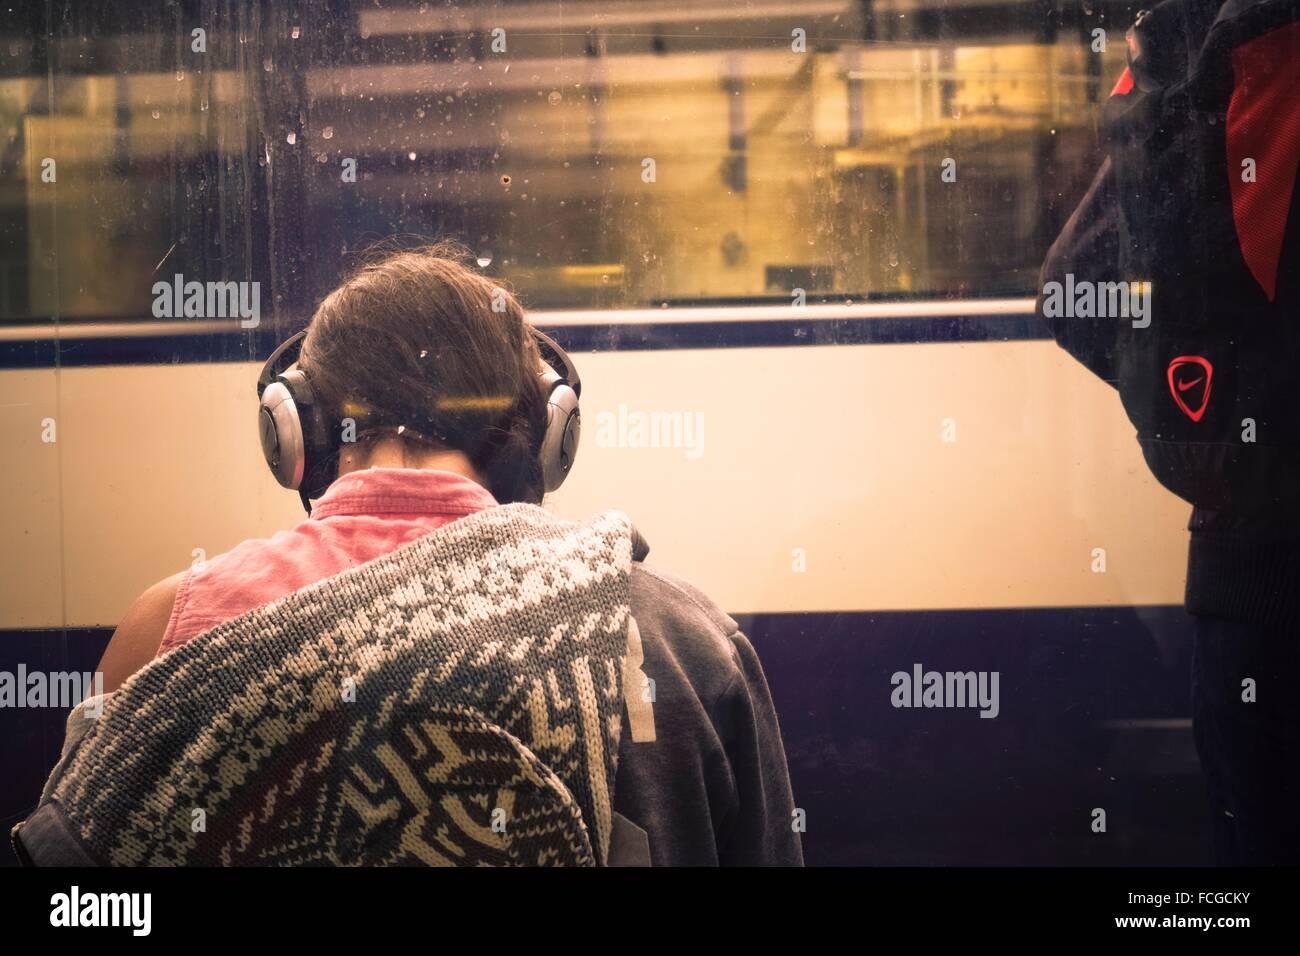 Giovane donna torna con le cuffie sull'ascolto di musica. Sullo sfondo la vettura di un treno in movimento. Immagini Stock